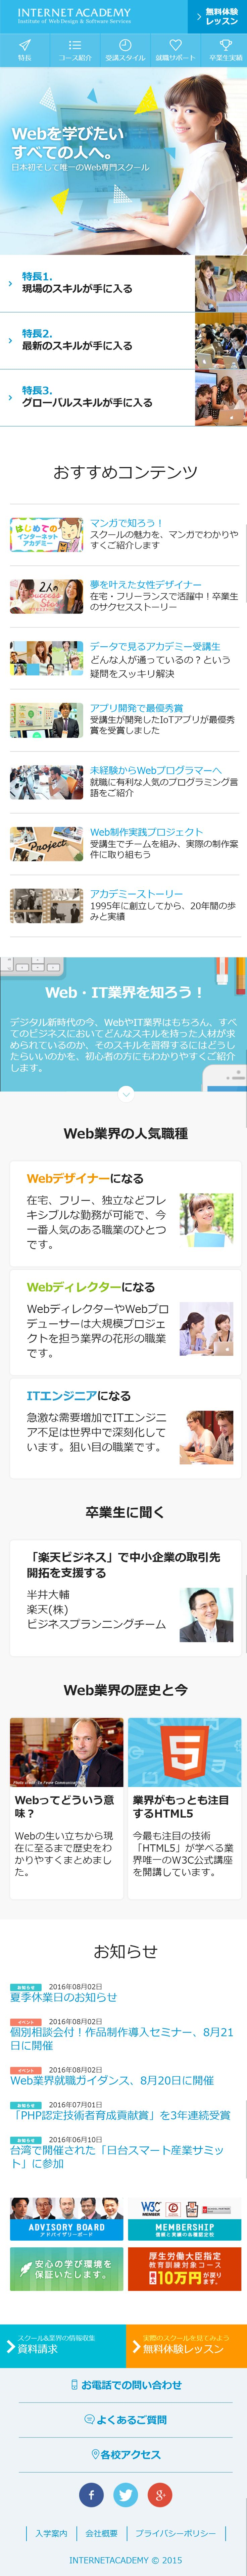 Webデザイン・Webデザイナースクール【インターネット・アカデミー】